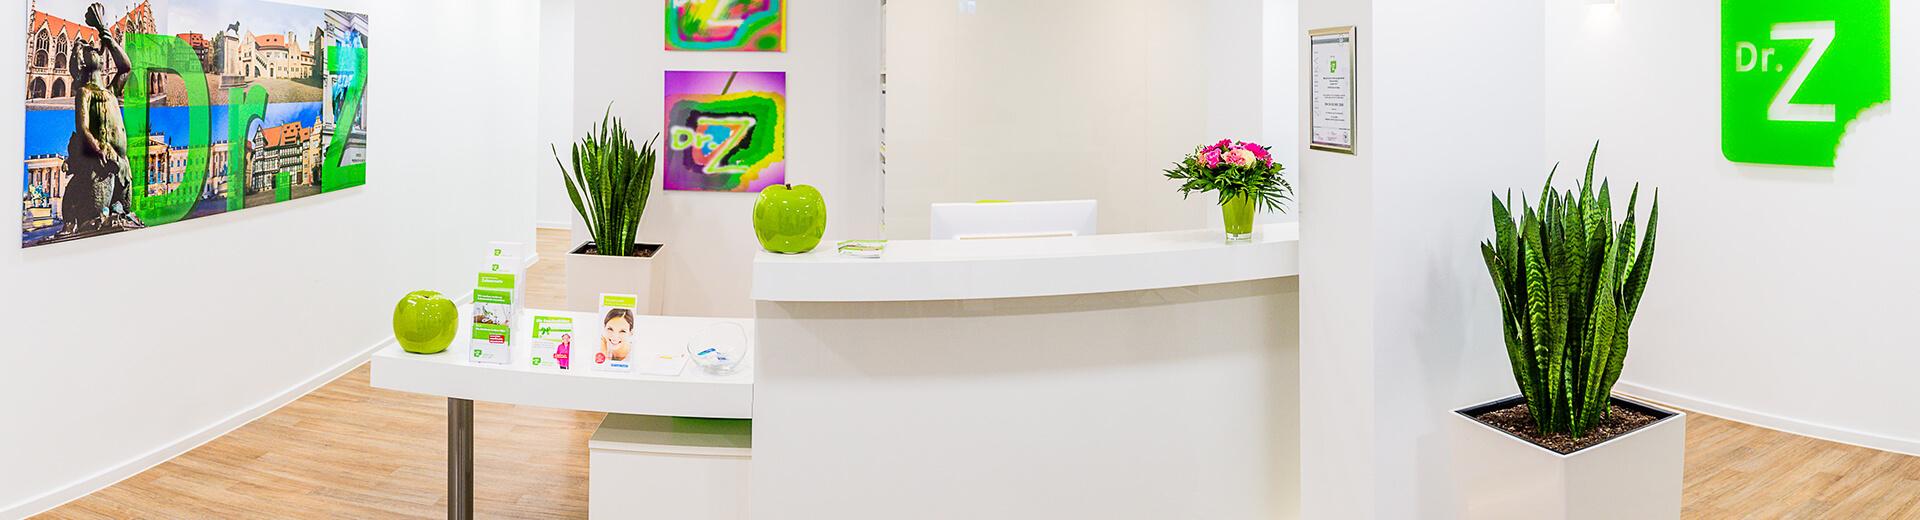 dr z zahnarzt in braunschweig zahnersatz zahnimplantate. Black Bedroom Furniture Sets. Home Design Ideas